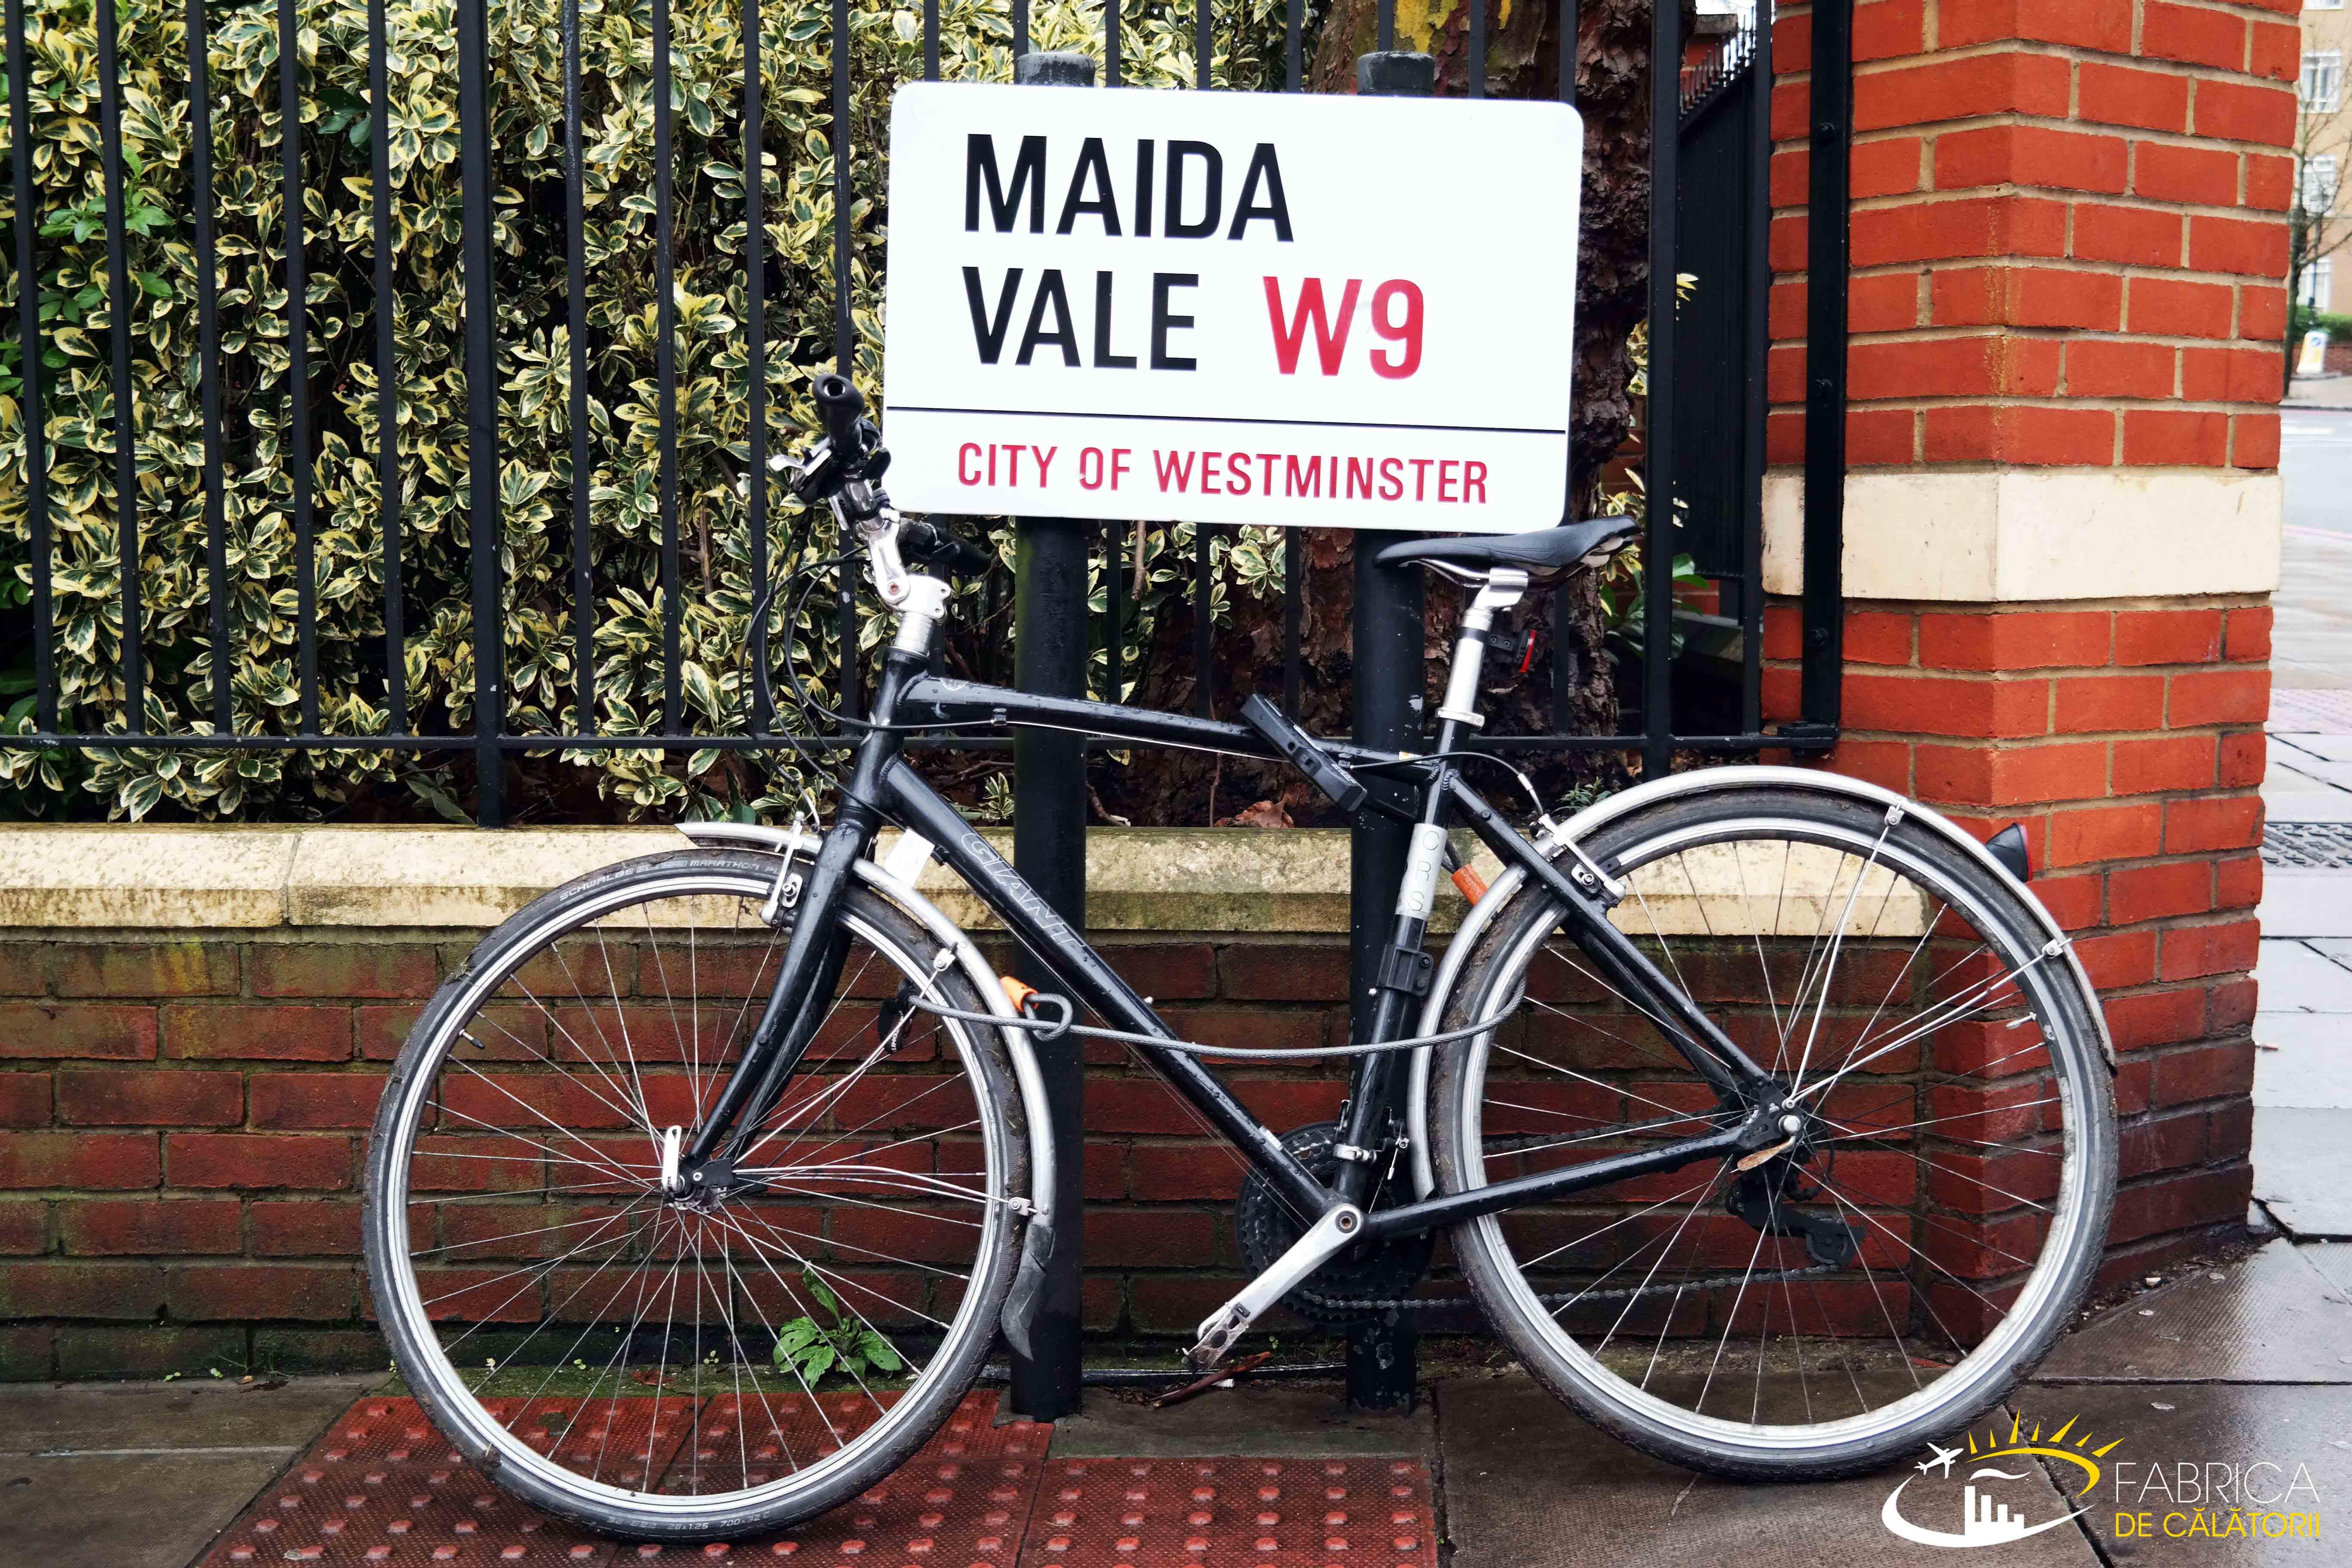 La plimbare prin cartierul londonez Maida Vale